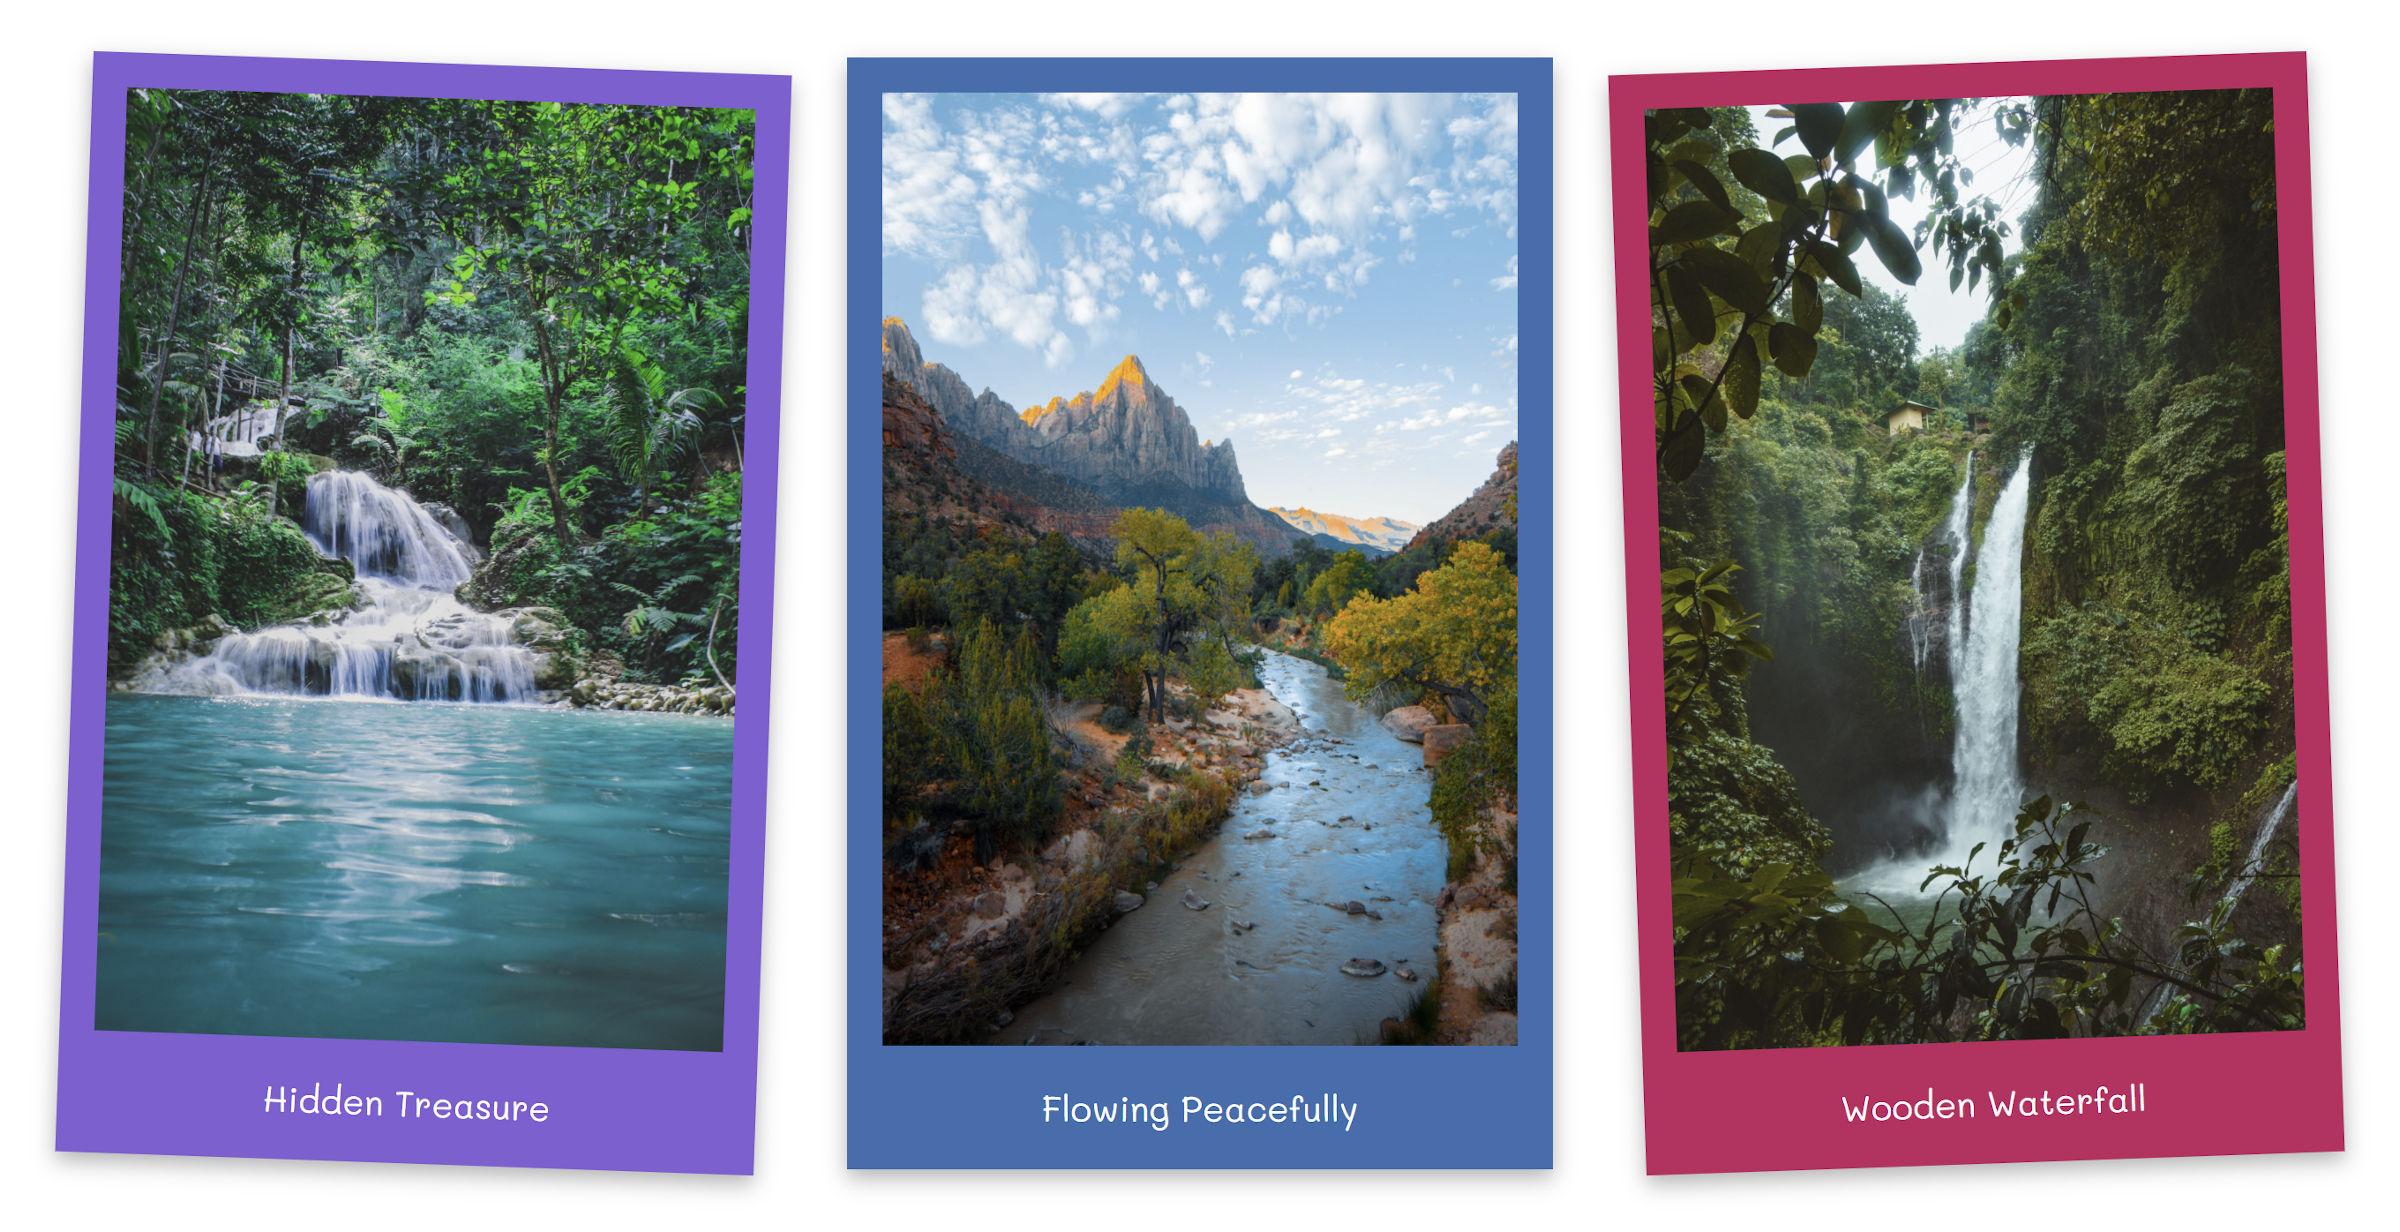 Blocchi immagine personalizzati all'interno di una galleria WordPress con cornici in stile Polaroid e colori di sfondo personalizzati.